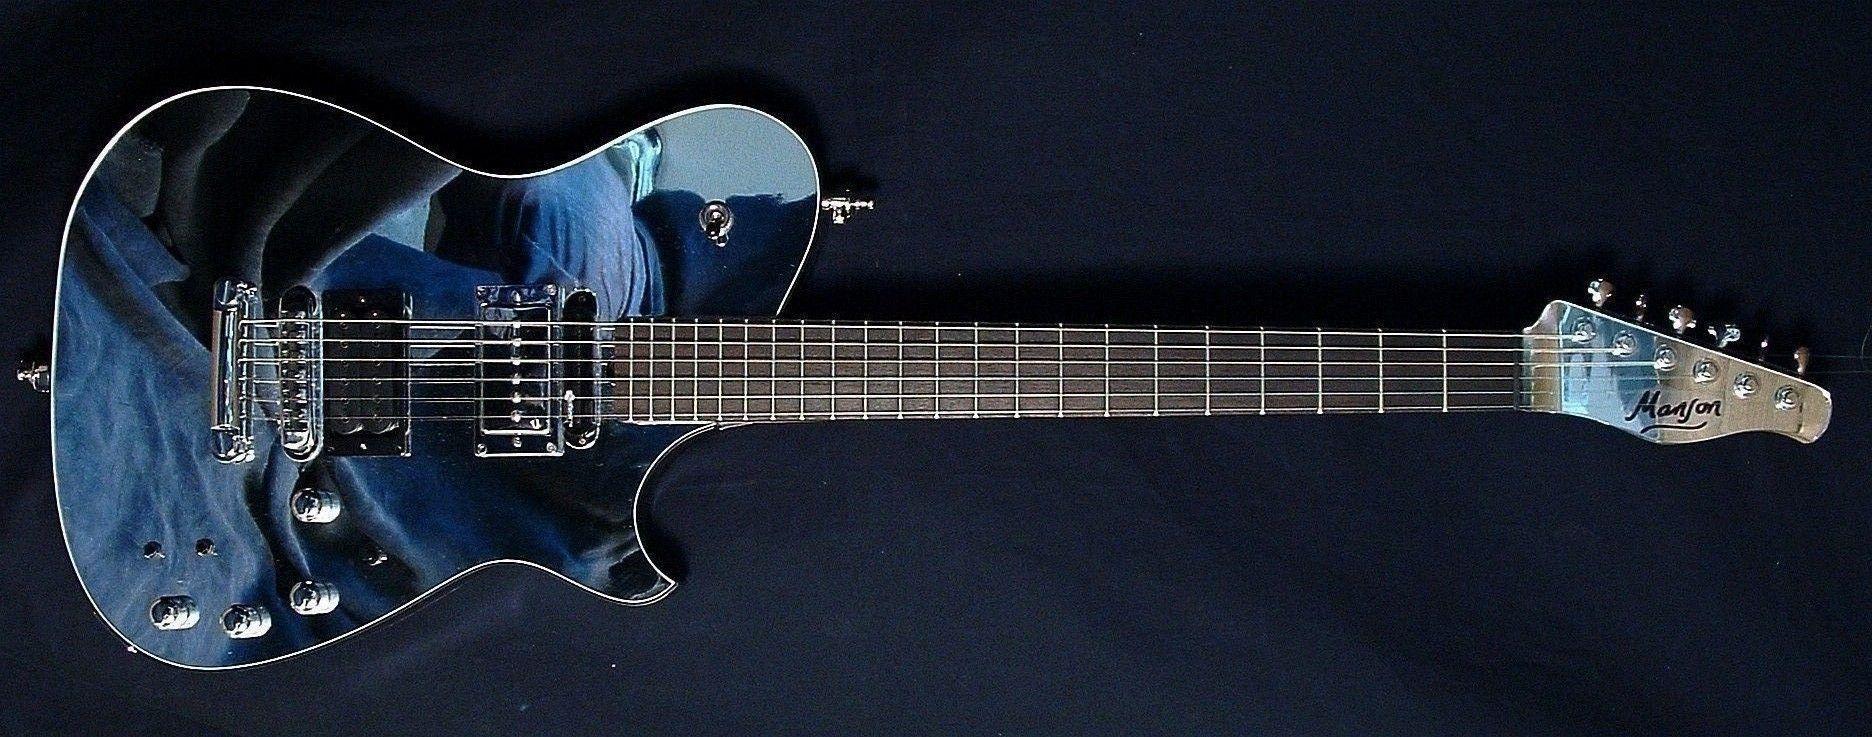 Pin oleh Alfi Mayo di Guitar